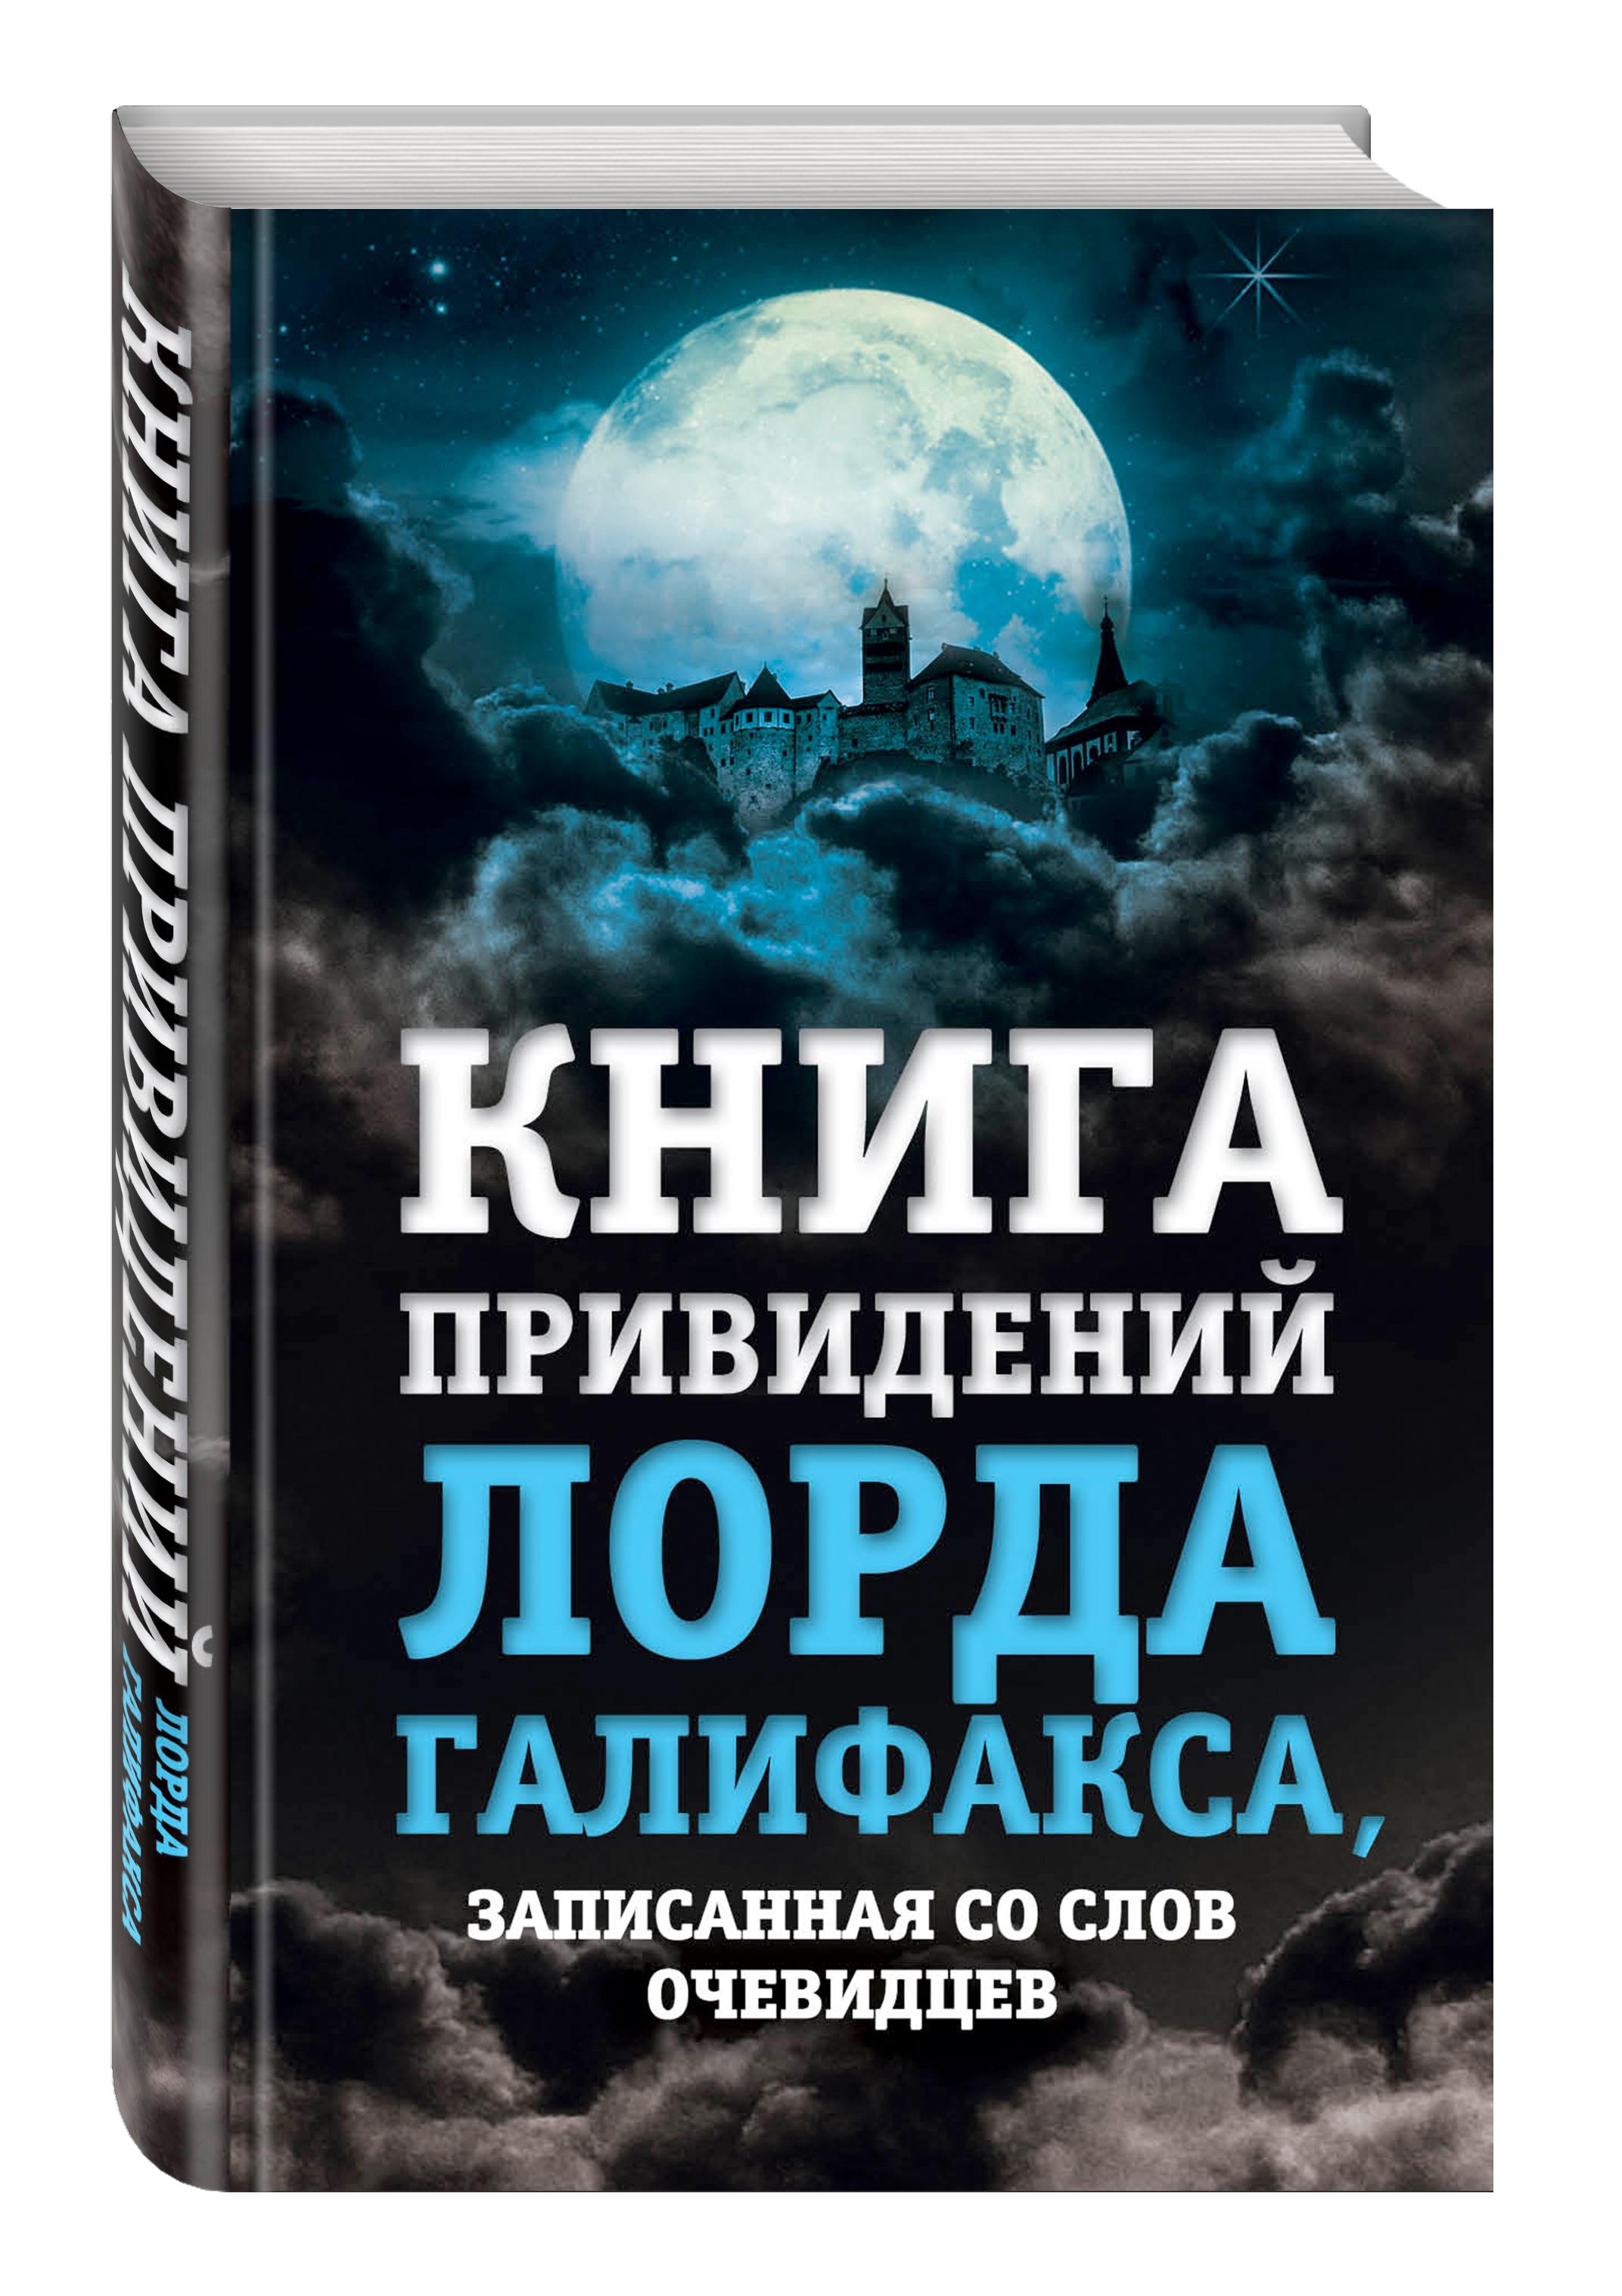 Книга привидений лорда Галифакса, записанная со слов очевидцев от book24.ru